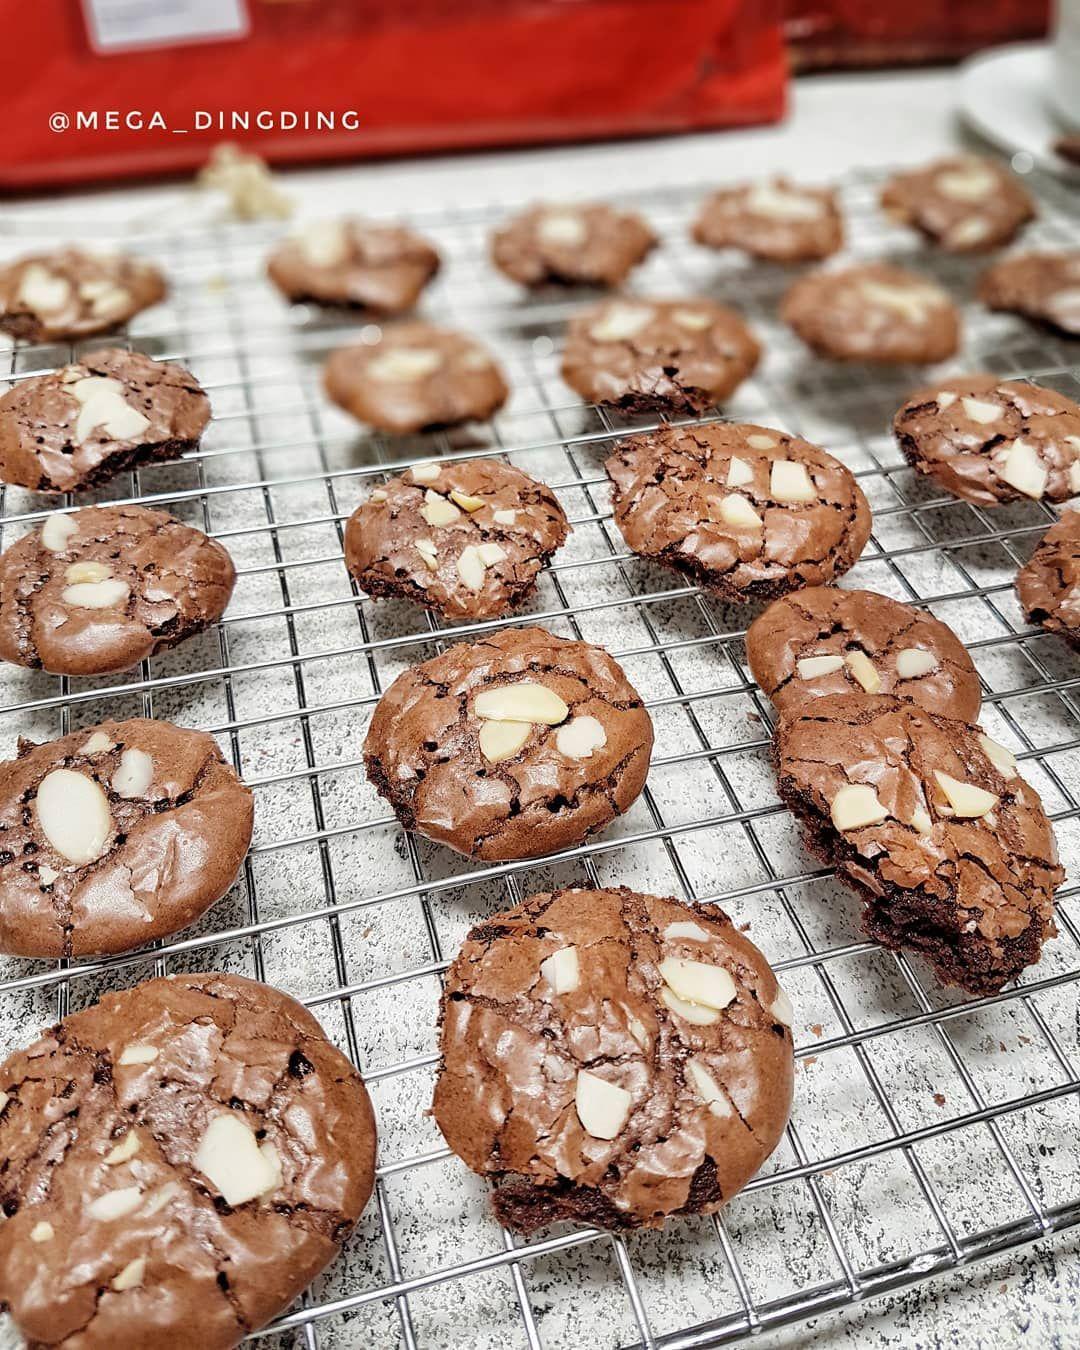 Sore Teman2 Kali Ini Buat Fudge Brownies Cookies Resep Masih Sama Dng Fudge Brownies Yg Sering Saya Share Dng Sedikit Penambah Fudge Brownies Fudge Resep